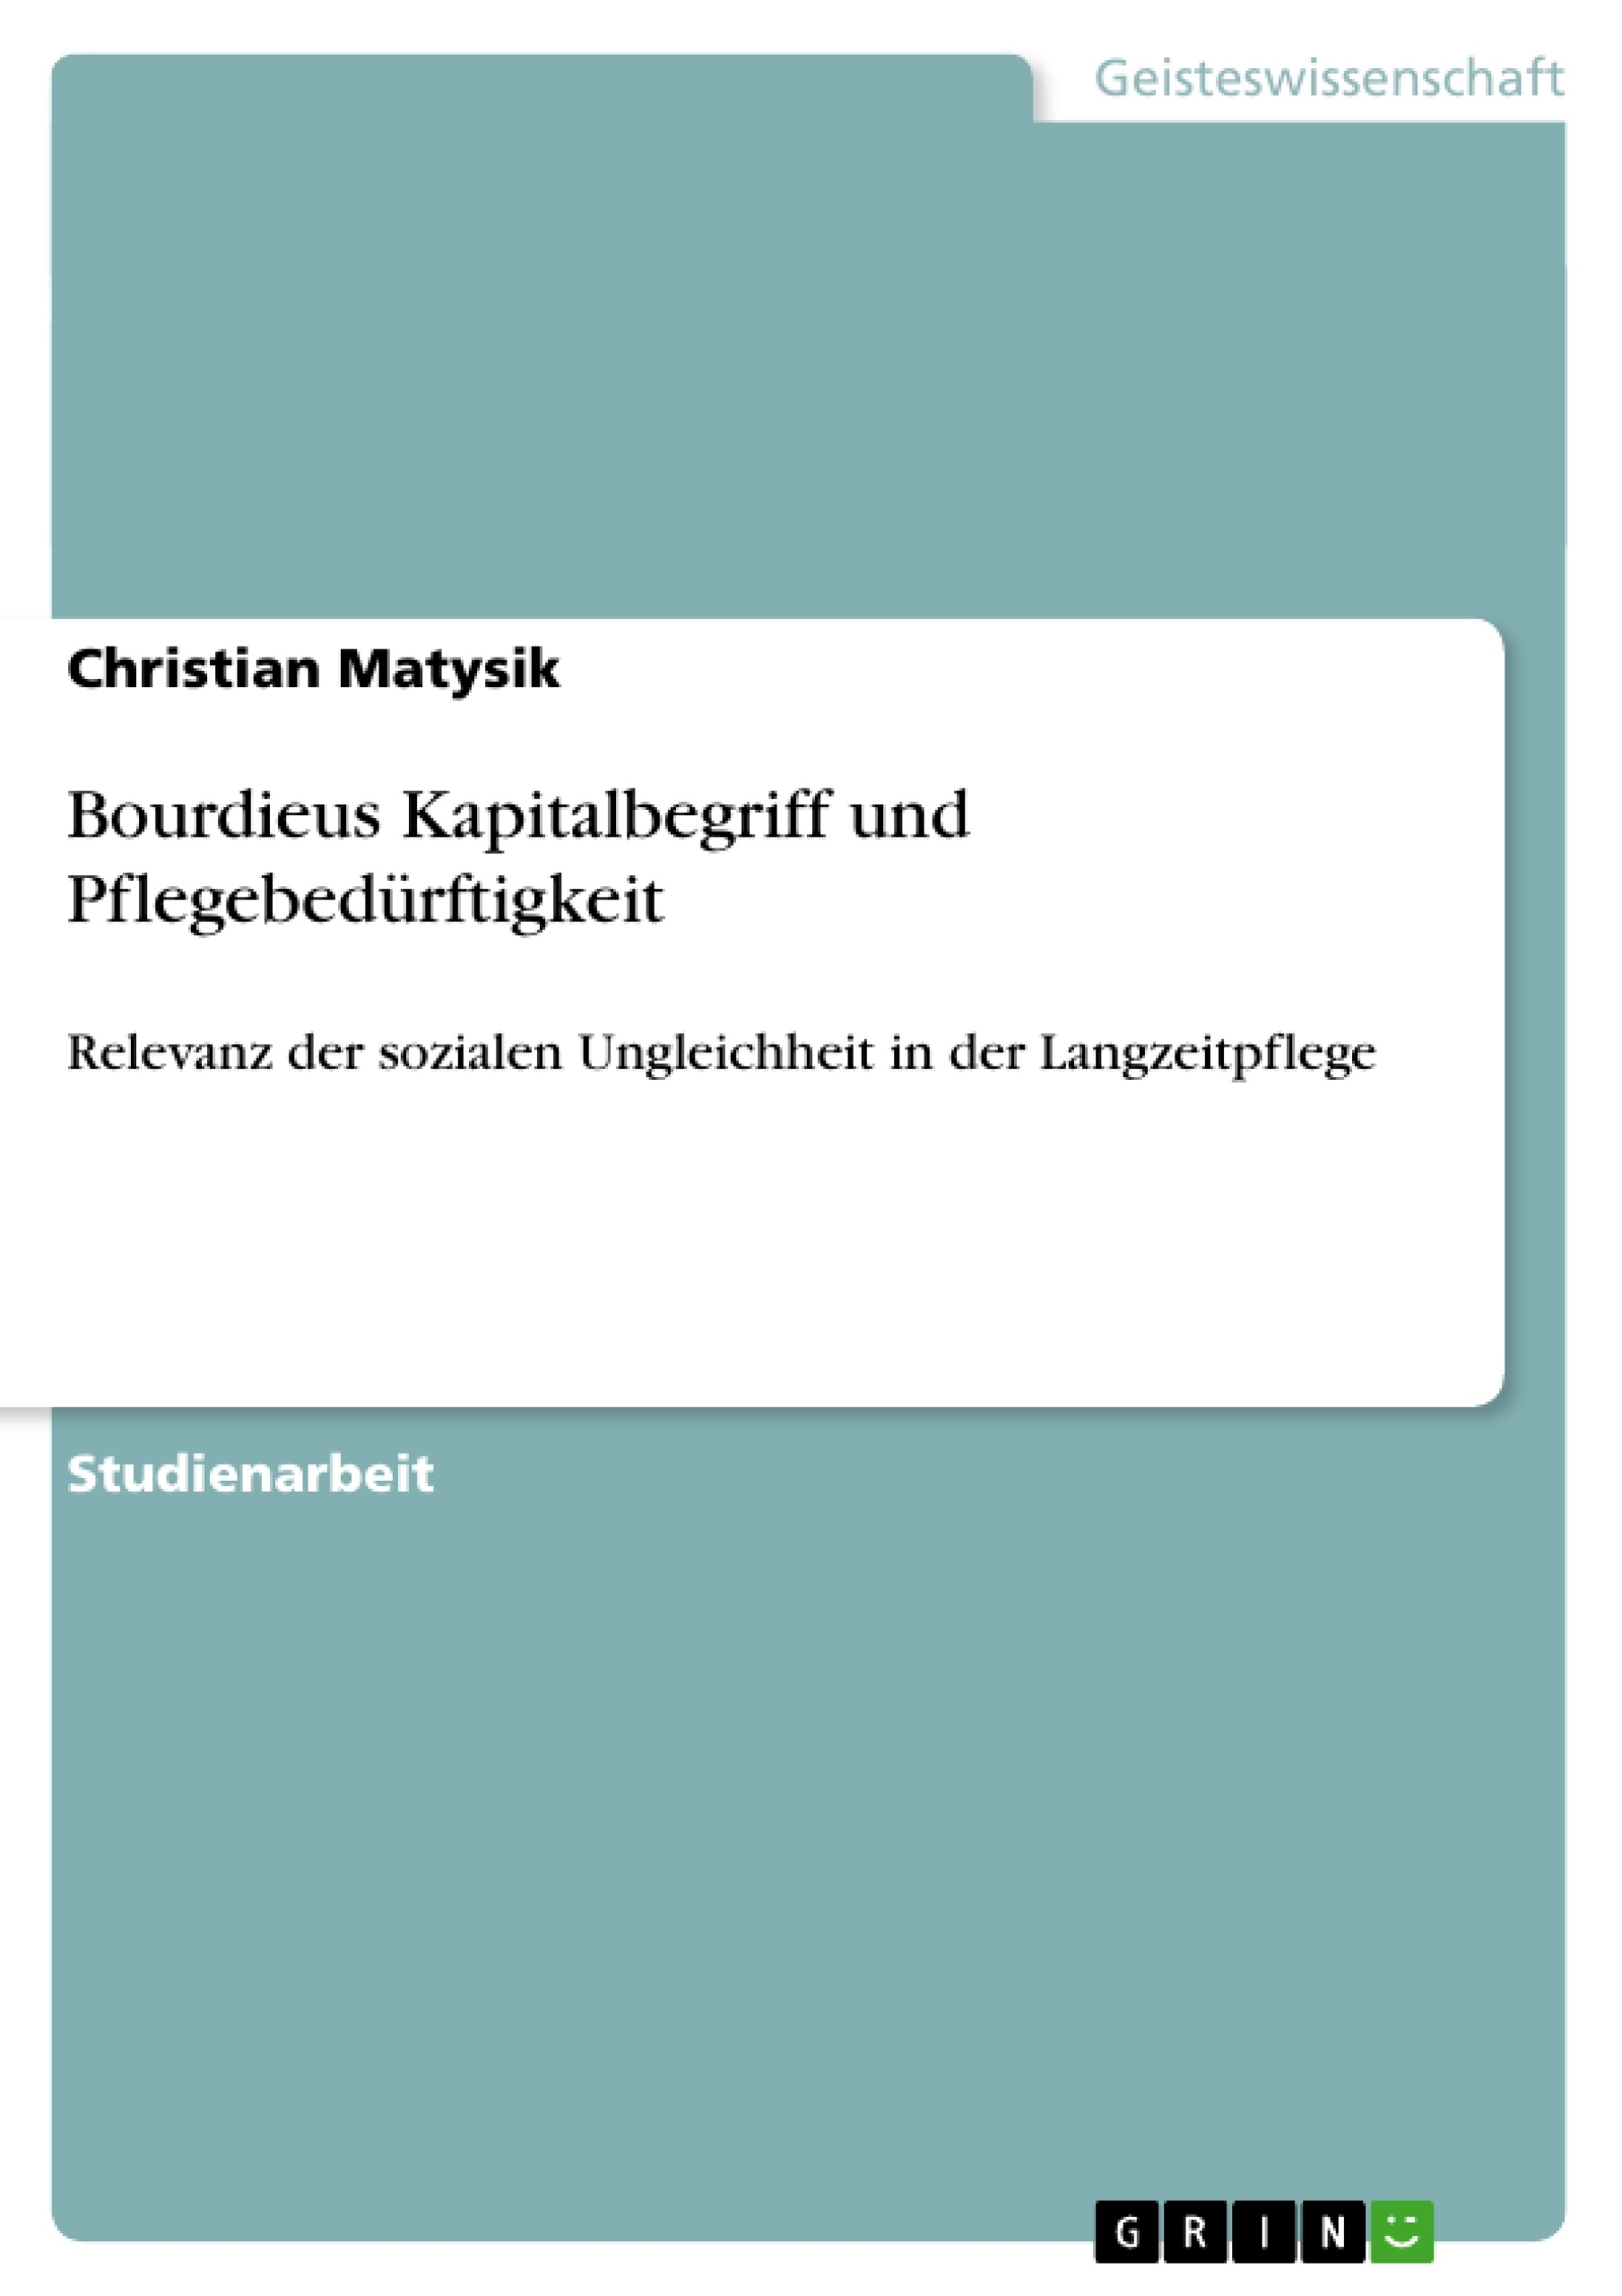 Titel: Bourdieus Kapitalbegriff und Pflegebedürftigkeit